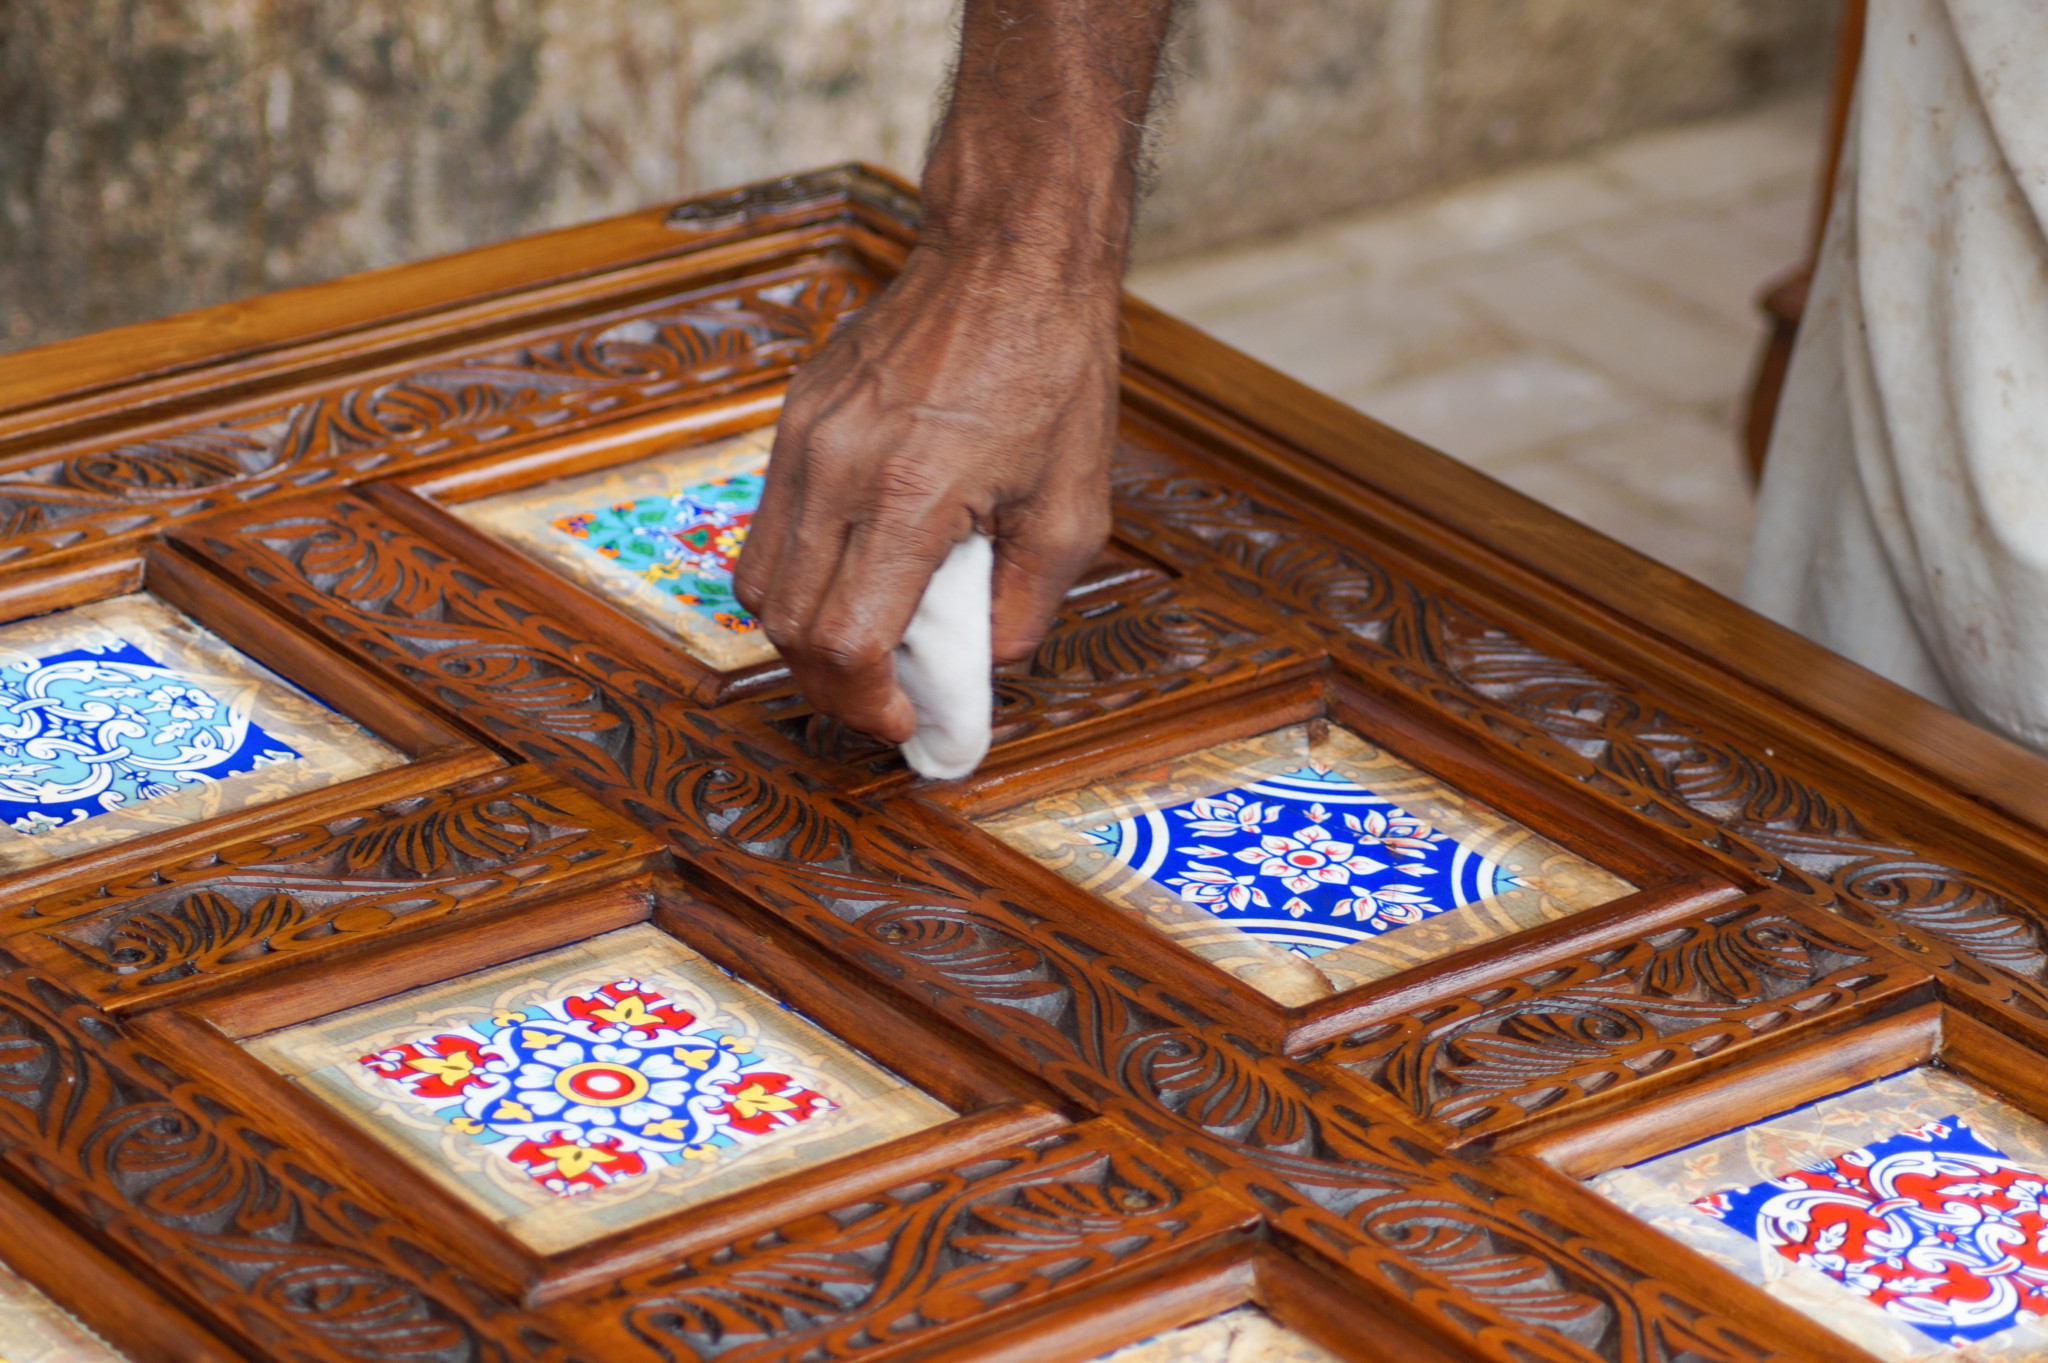 Gemälde am Straßenrand von Karatschi